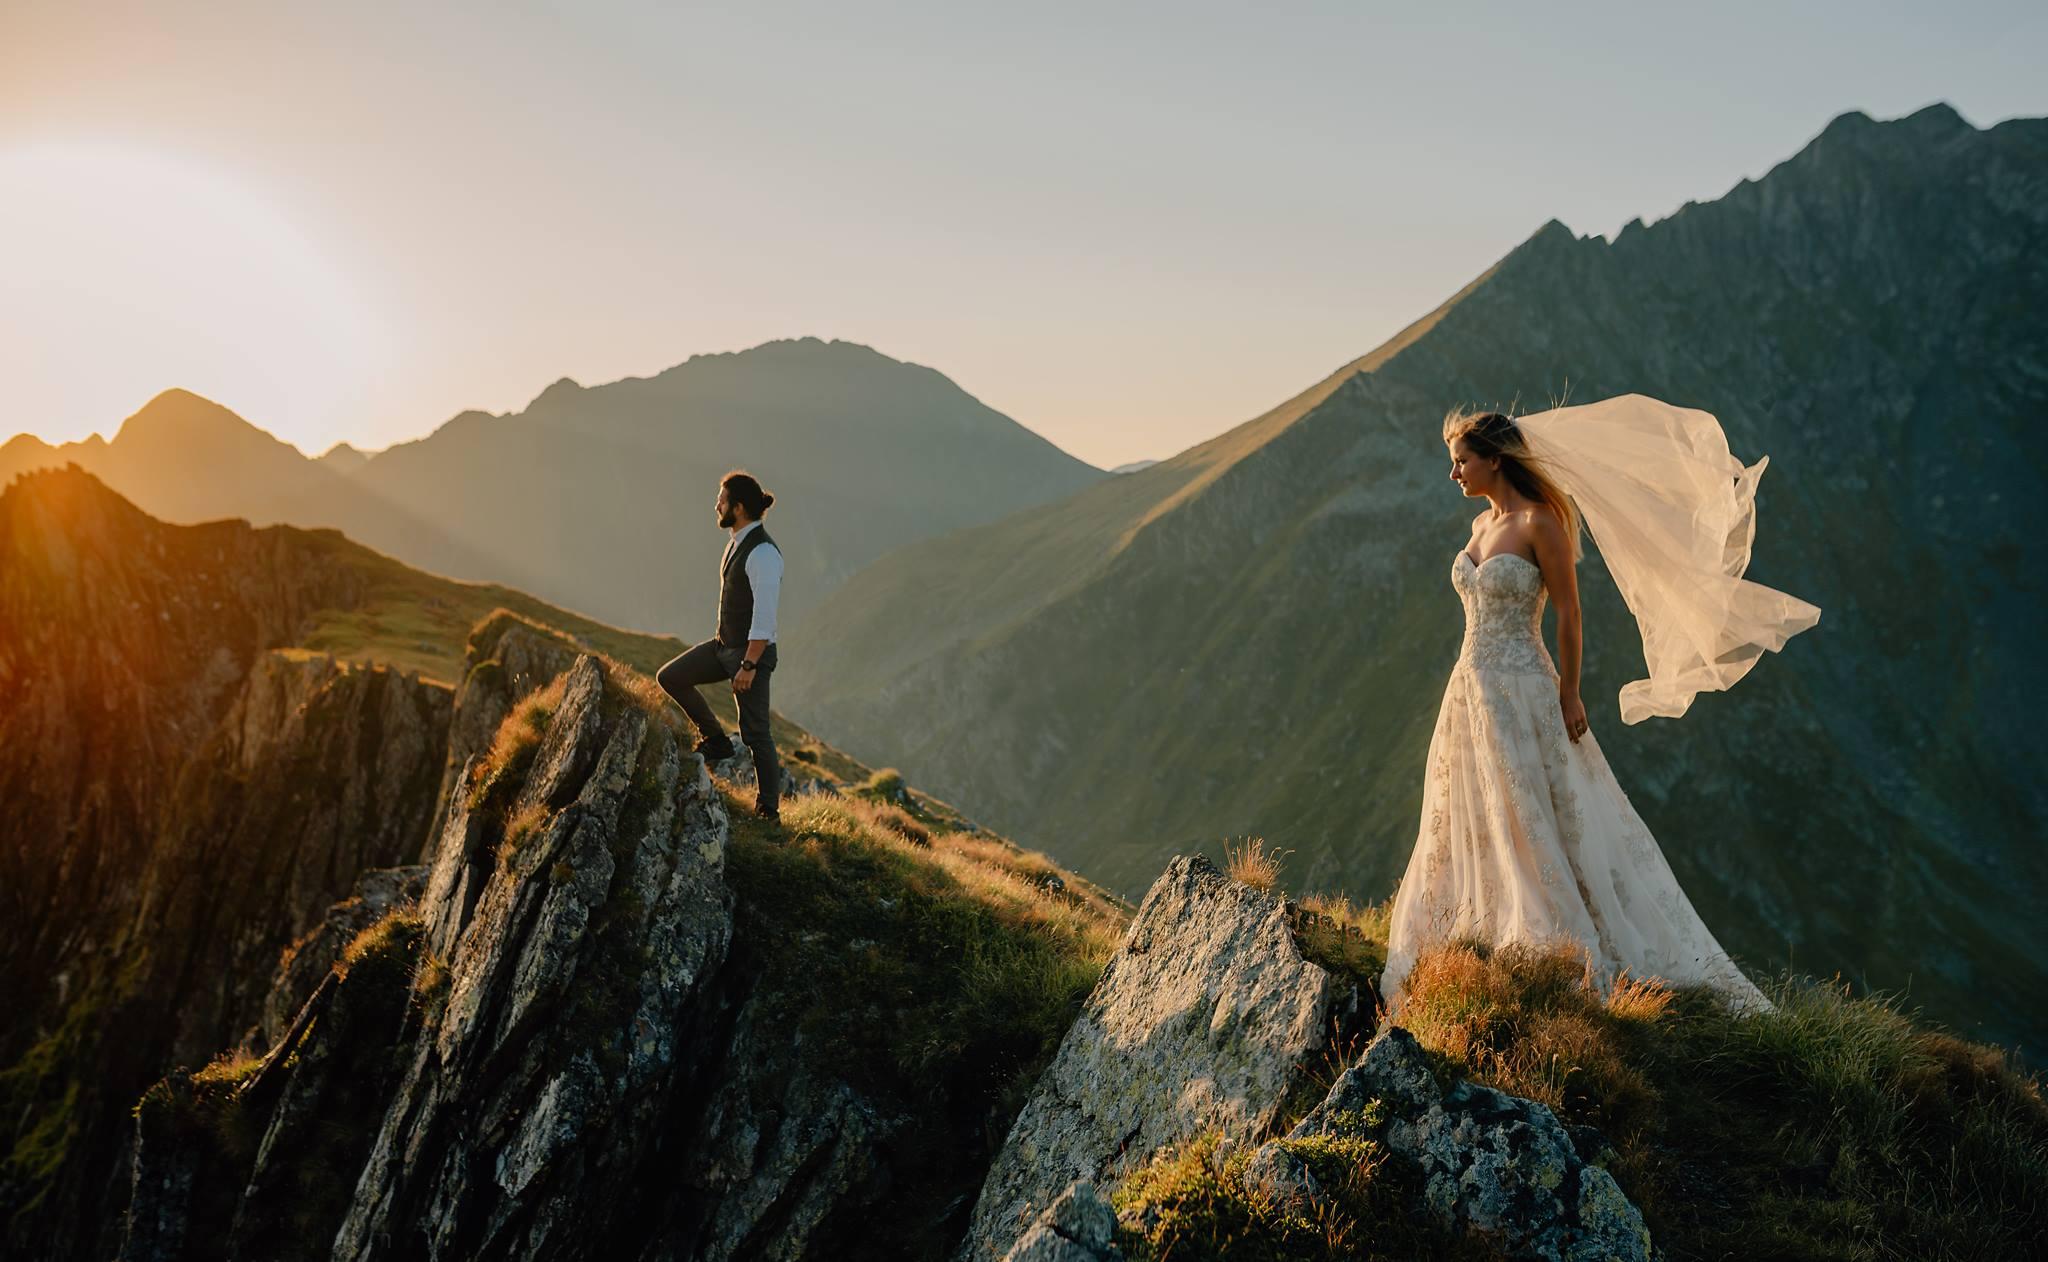 Fotografie din portofoliul lui Cezar Machidon fotograf de nunta din Romania